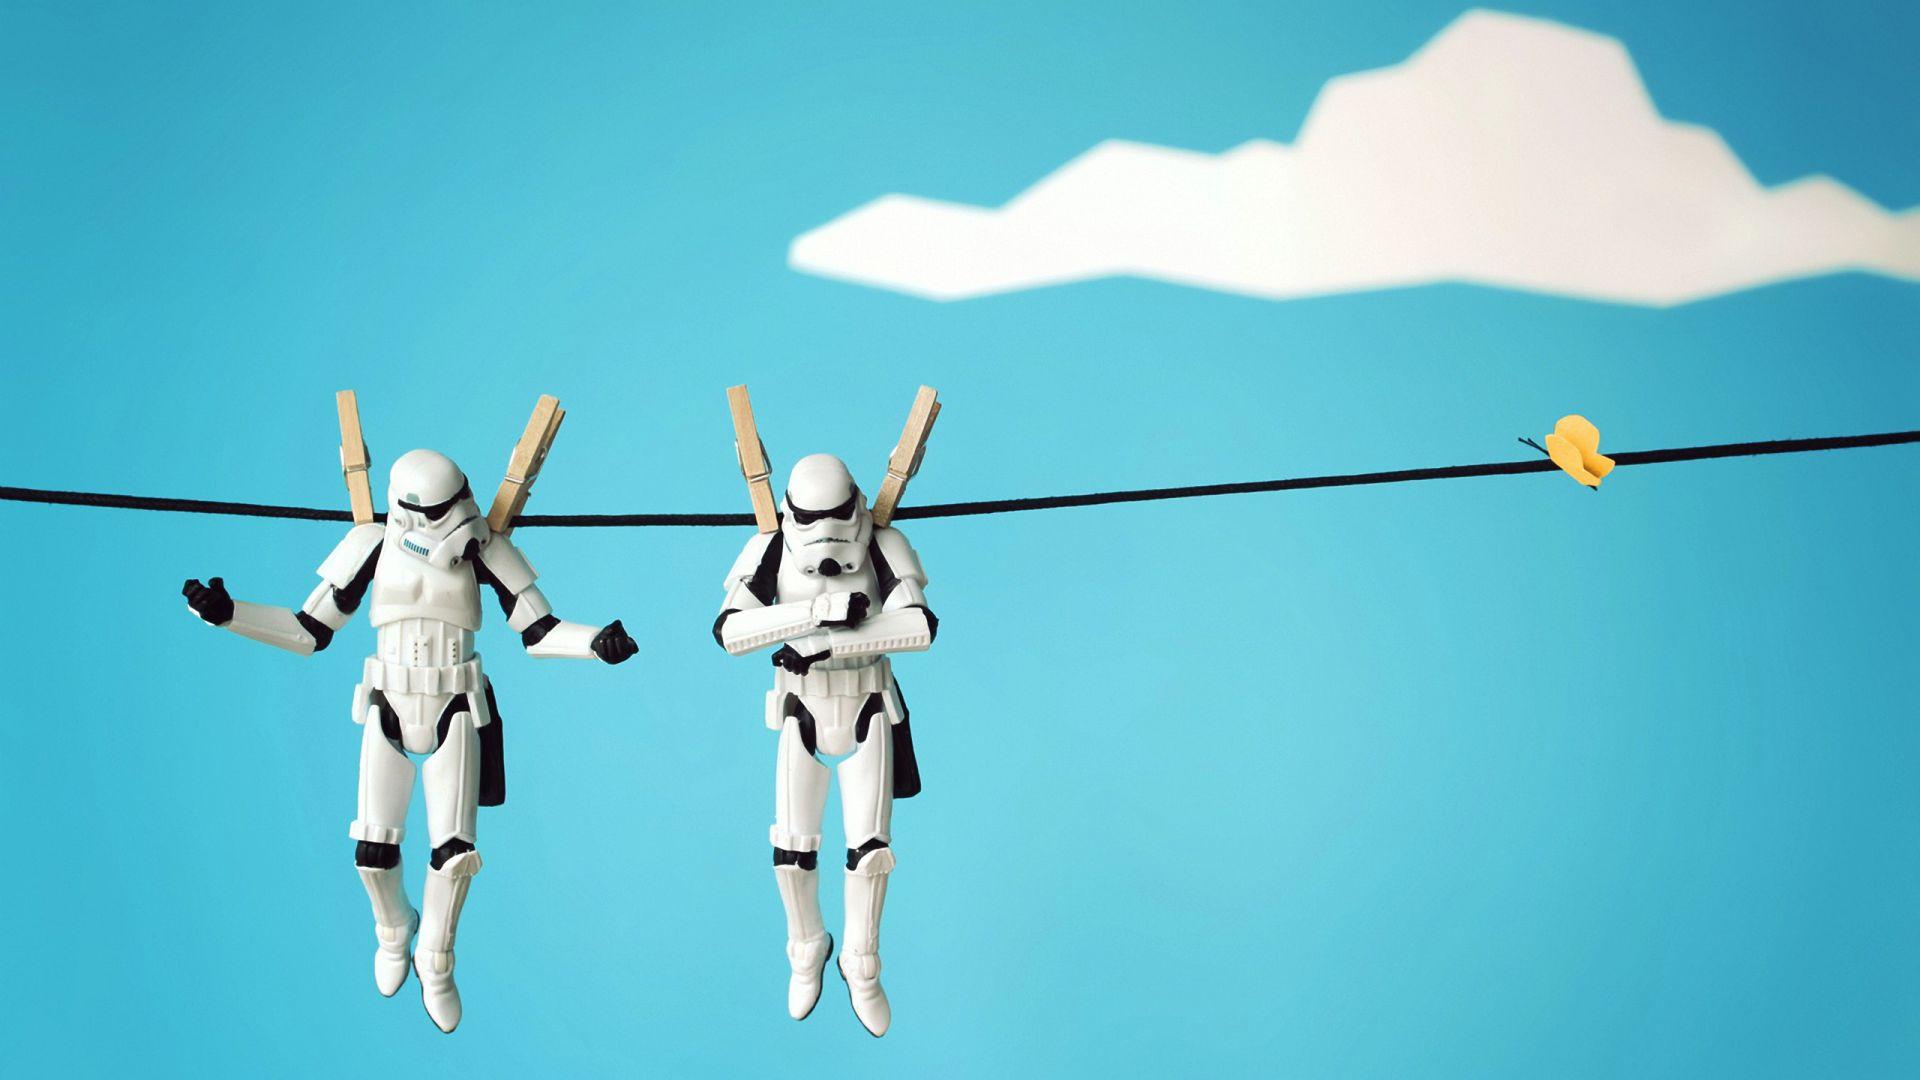 302 3025820 star wars minimalist pc wallpaper stormtrooper funny wallpaper